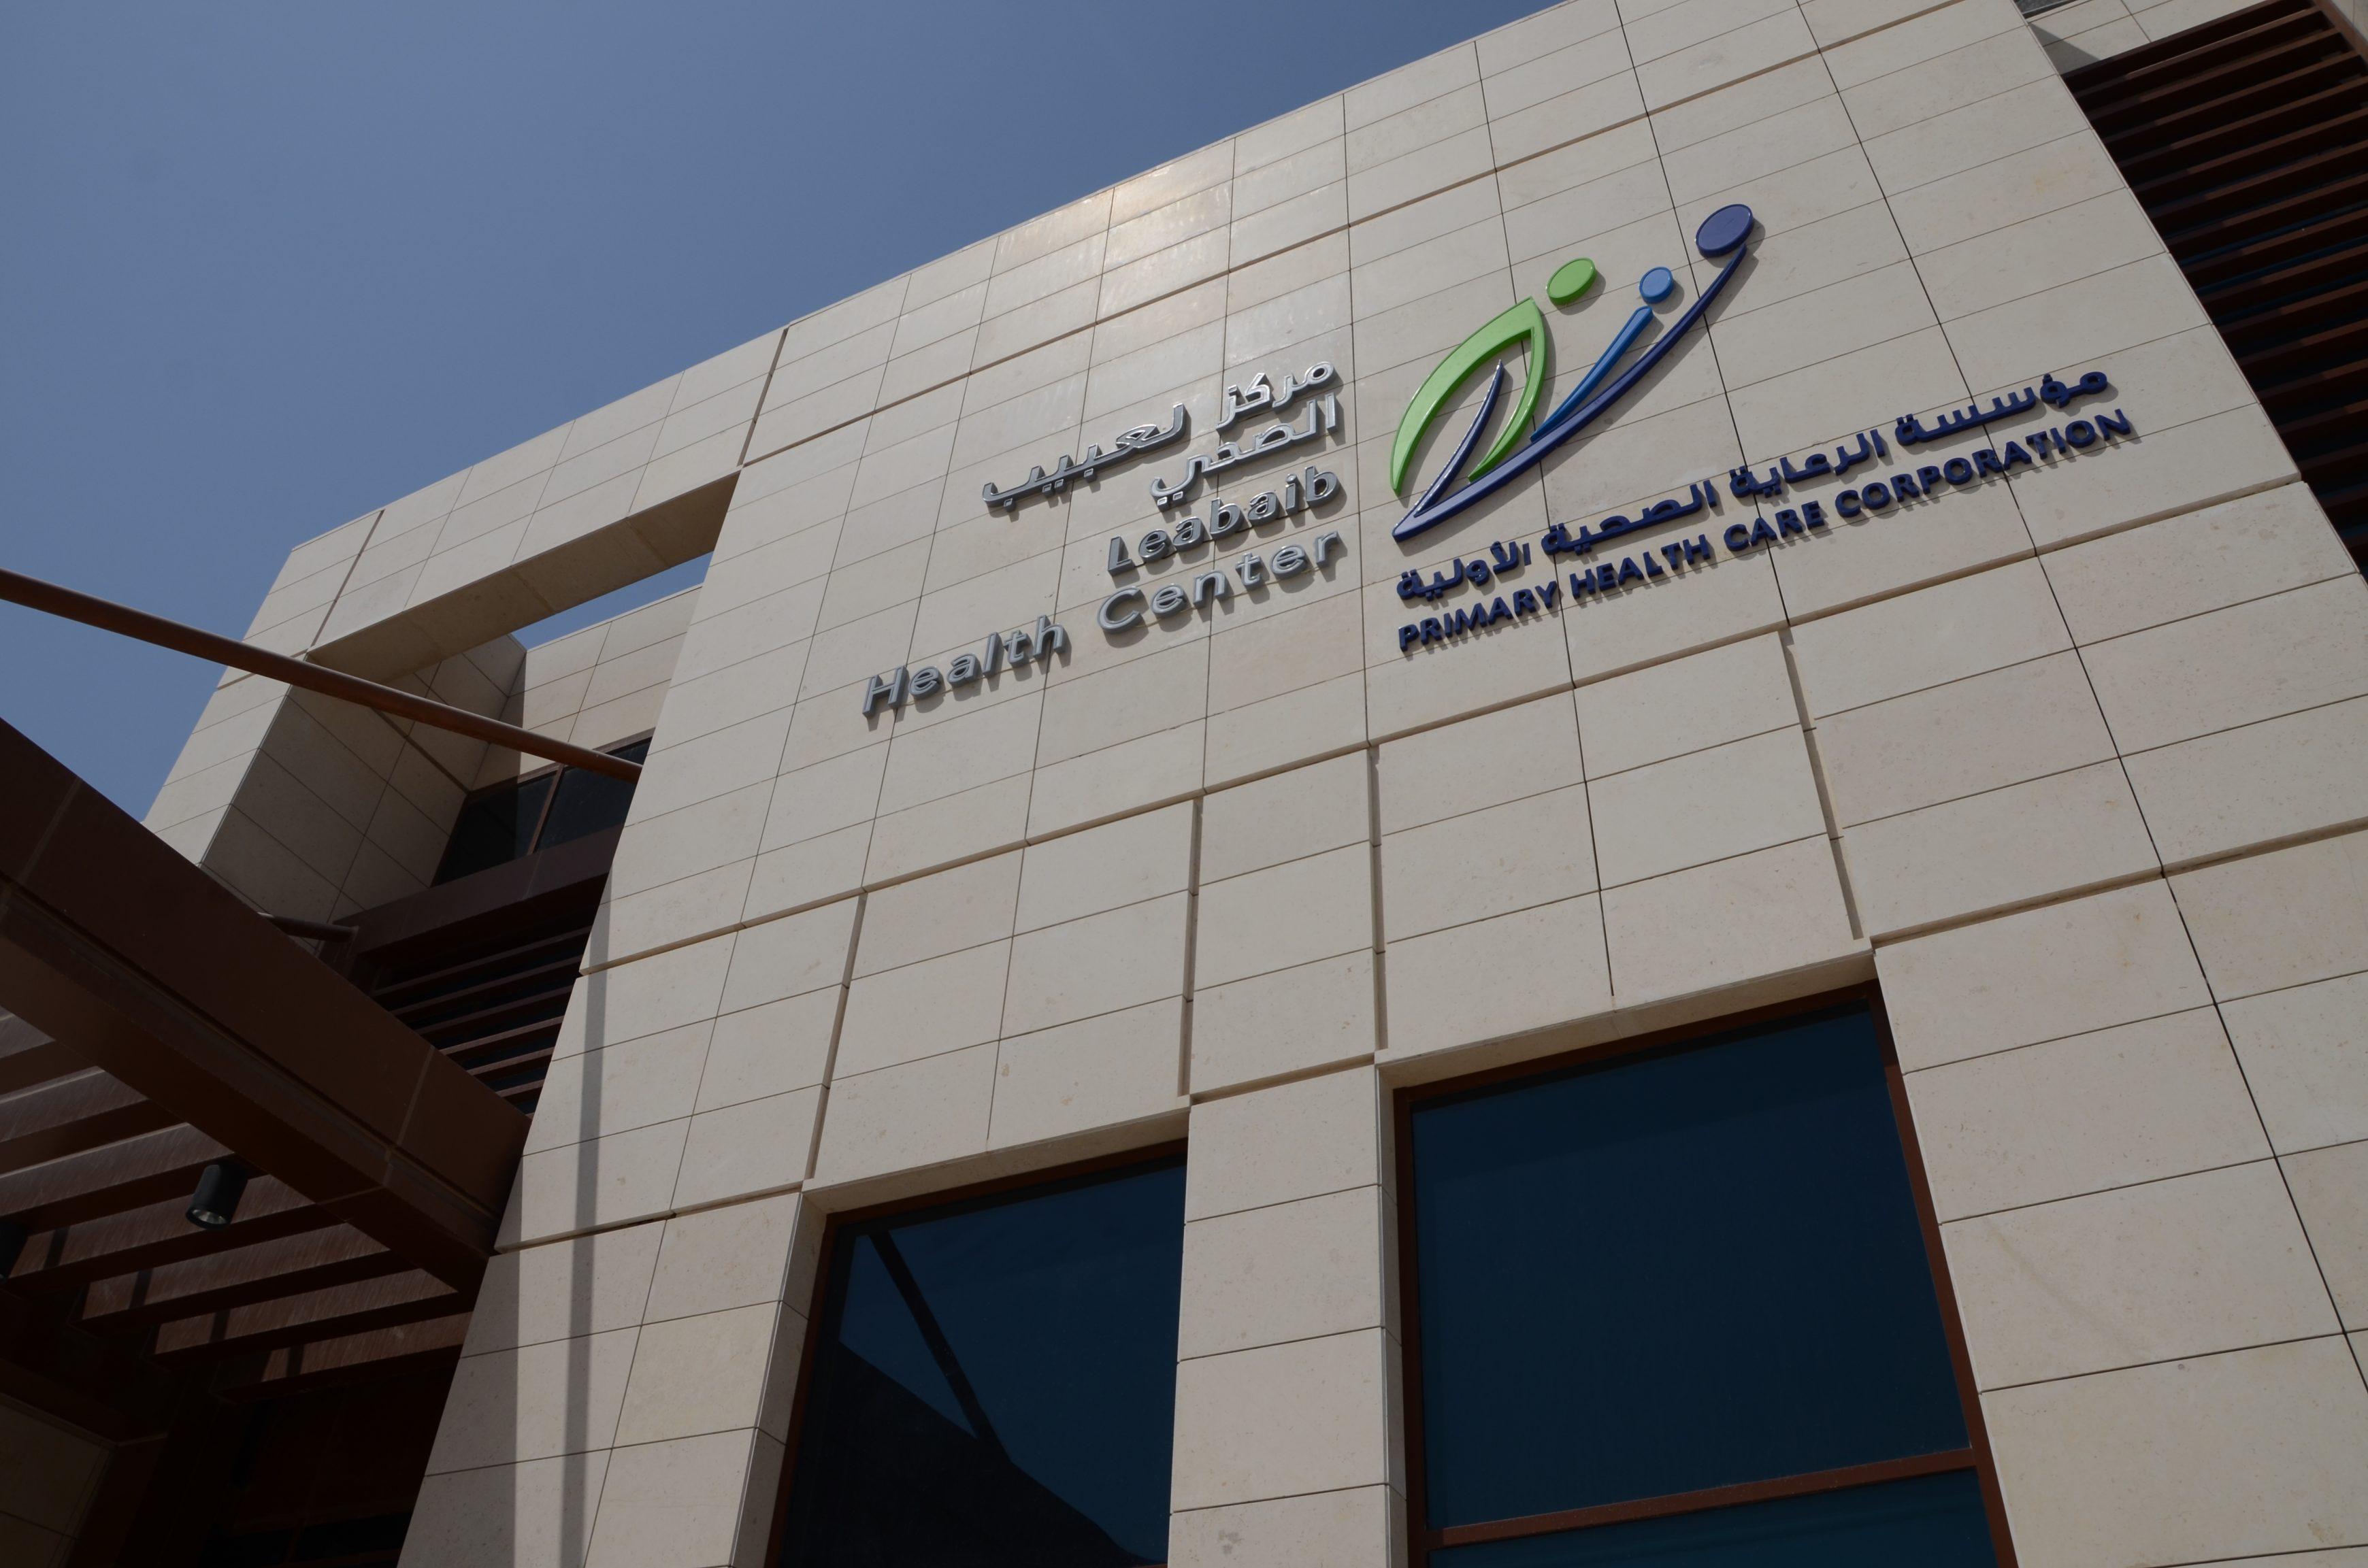 Leabaib Health Centre, Doha, Qatar